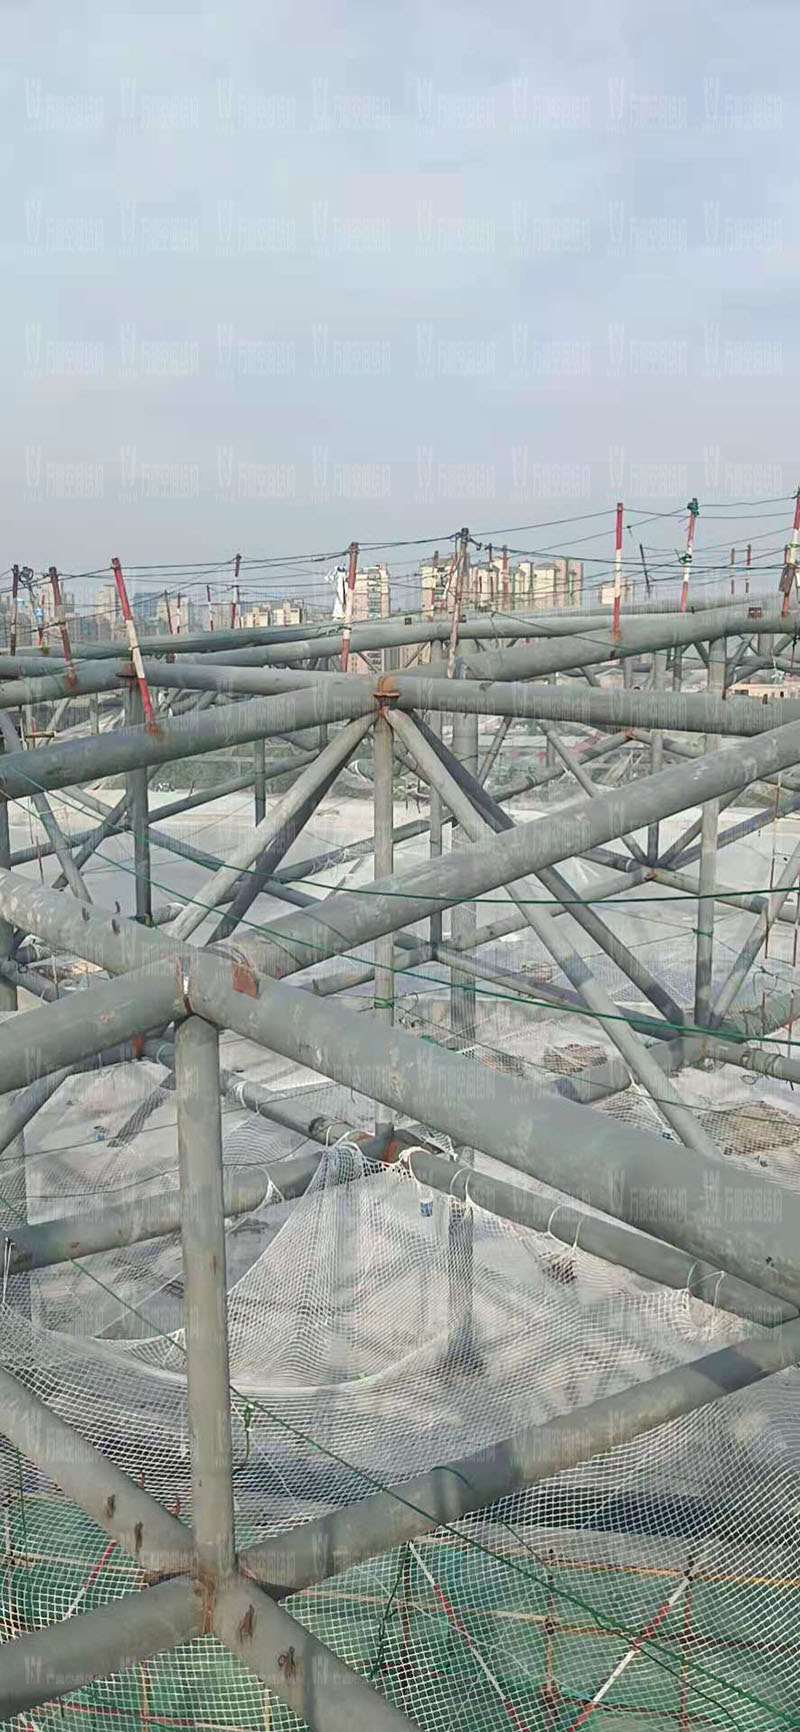 杭州亚运会棒(垒)球体育文化中心膜结构项目开始施工